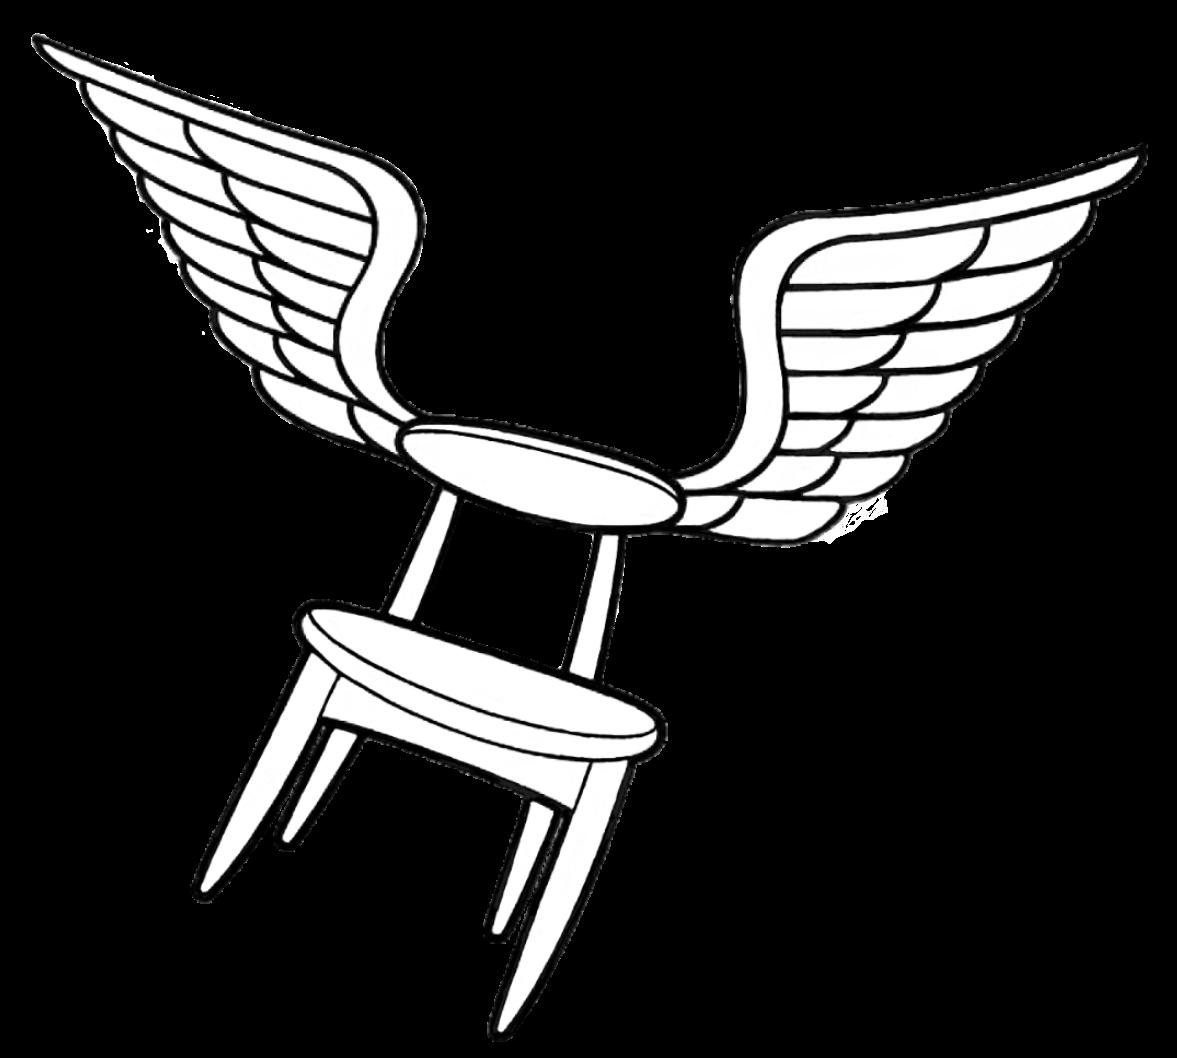 SkyChair Trust